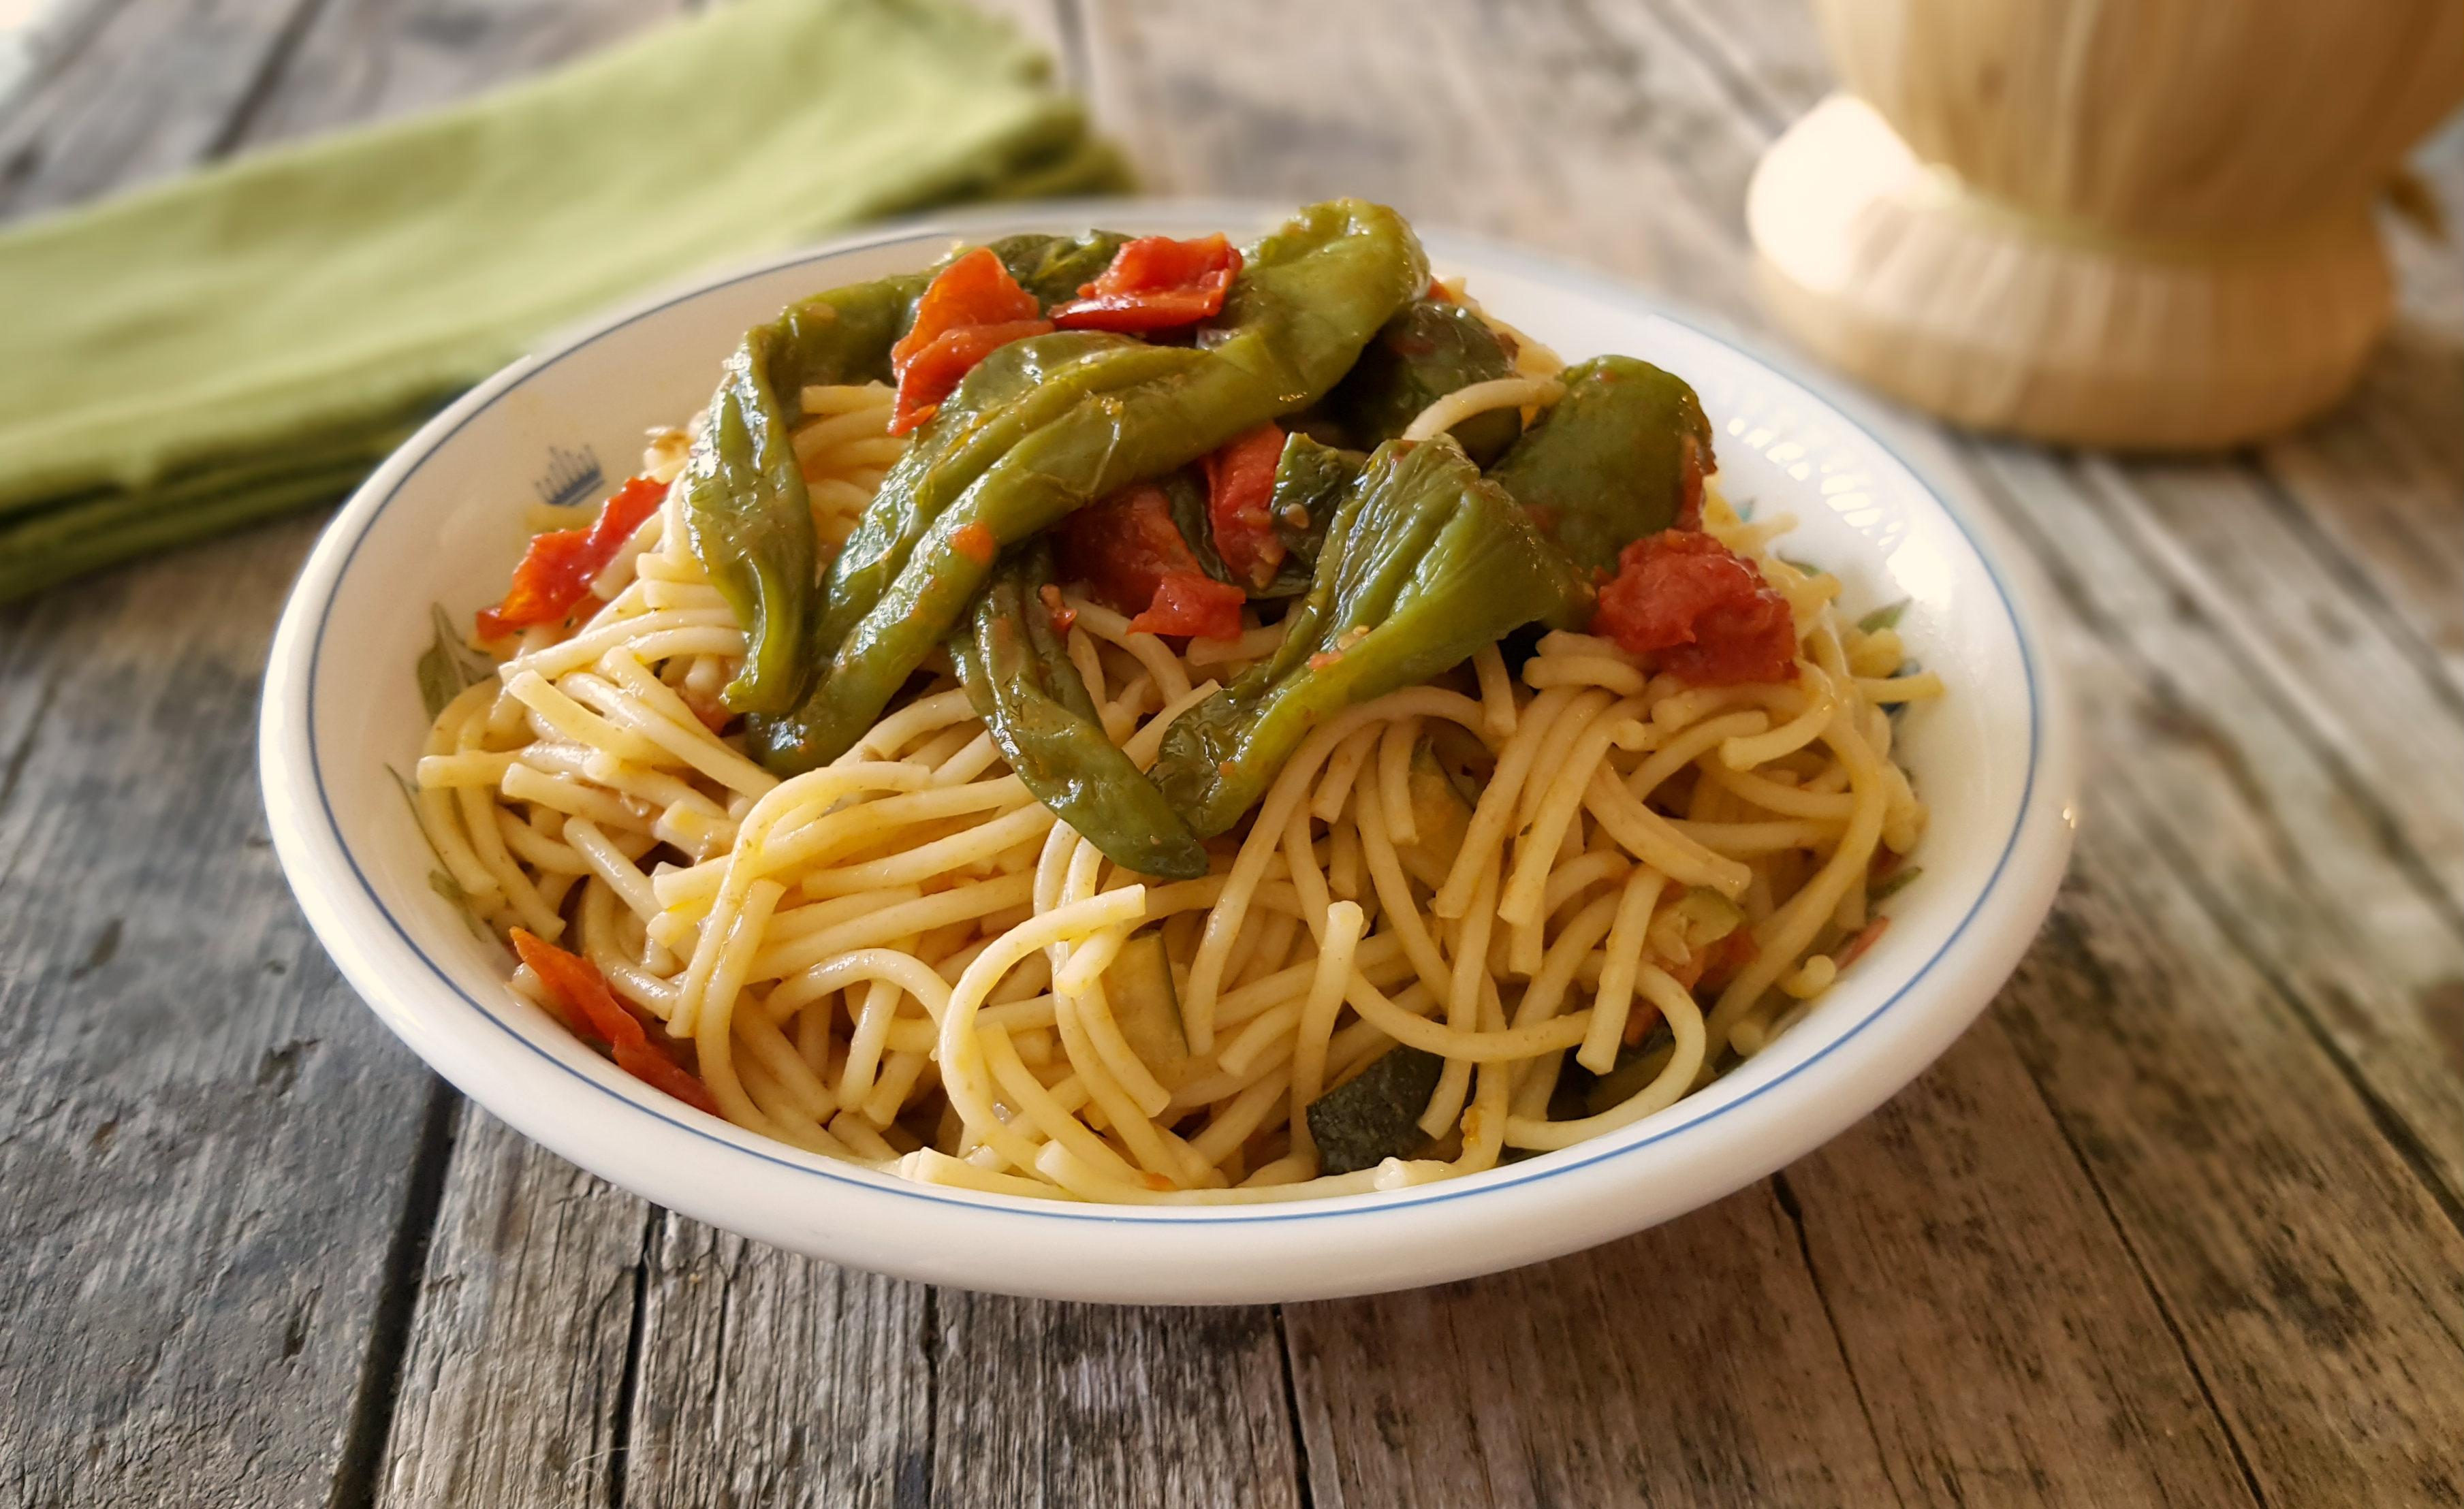 Spaghetti con friggitelli primo piatto veloce for Cucinare friggitelli